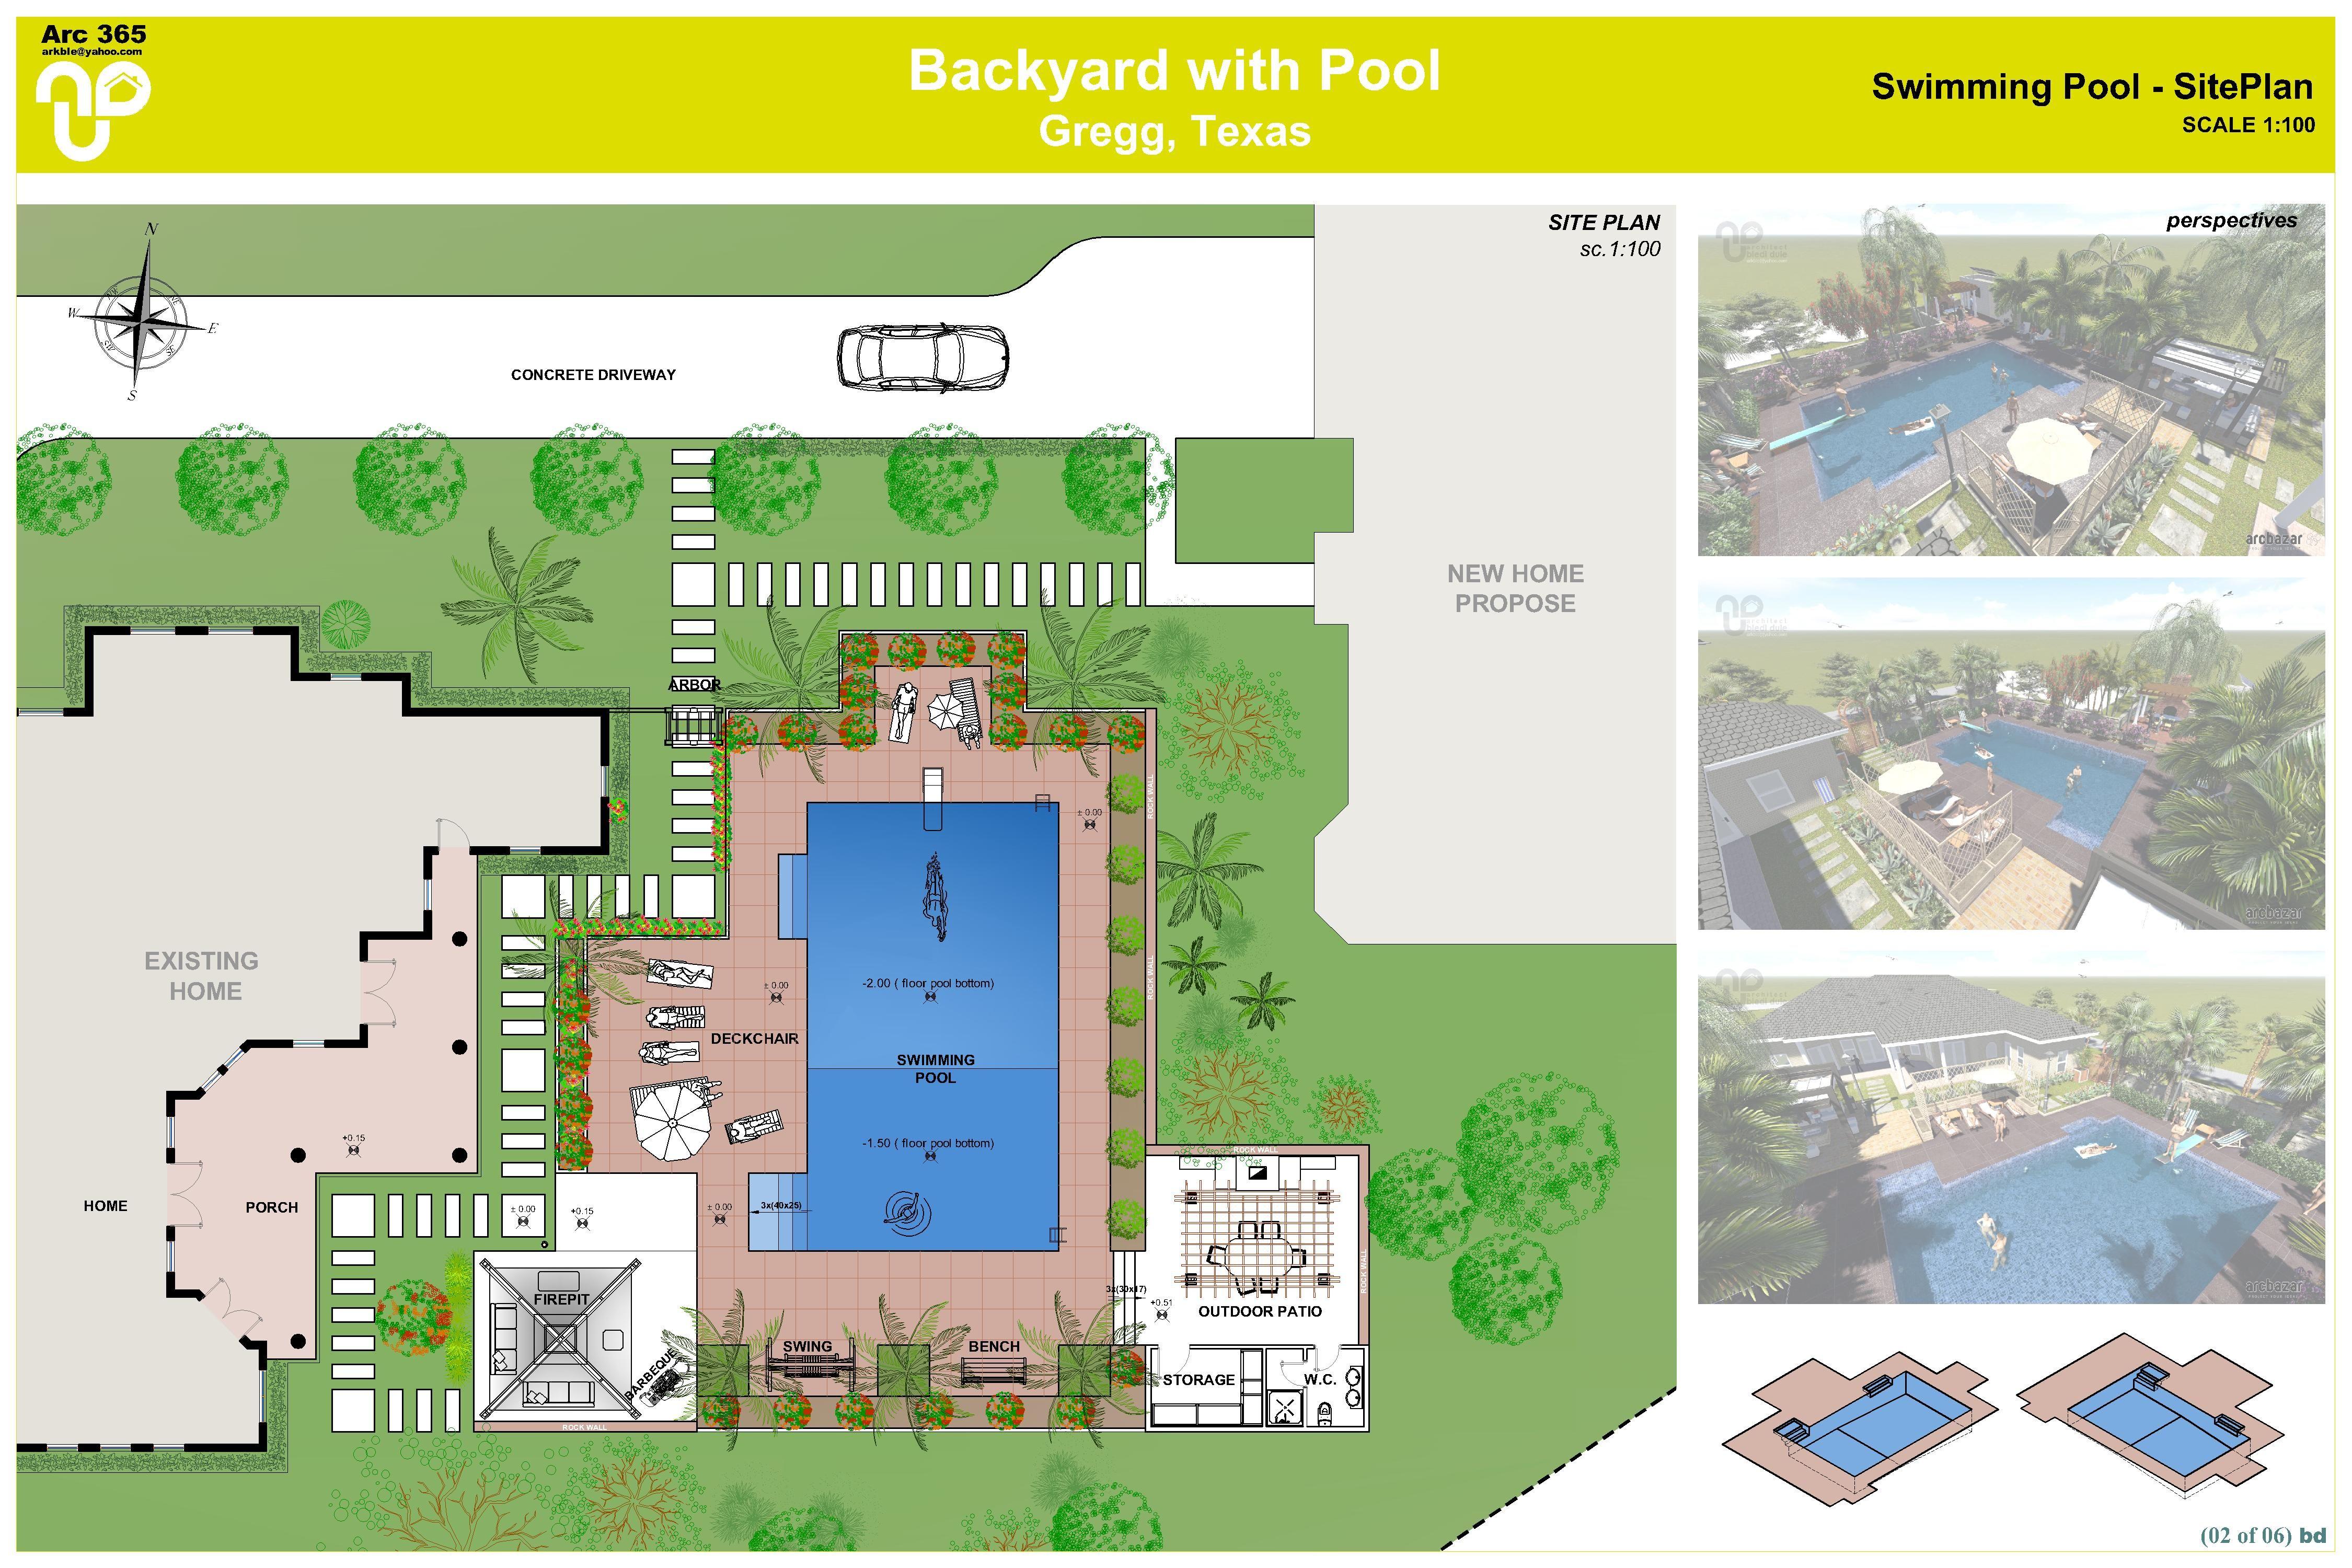 Site Plan Landscape Backyard Google Search Google 400 x 300